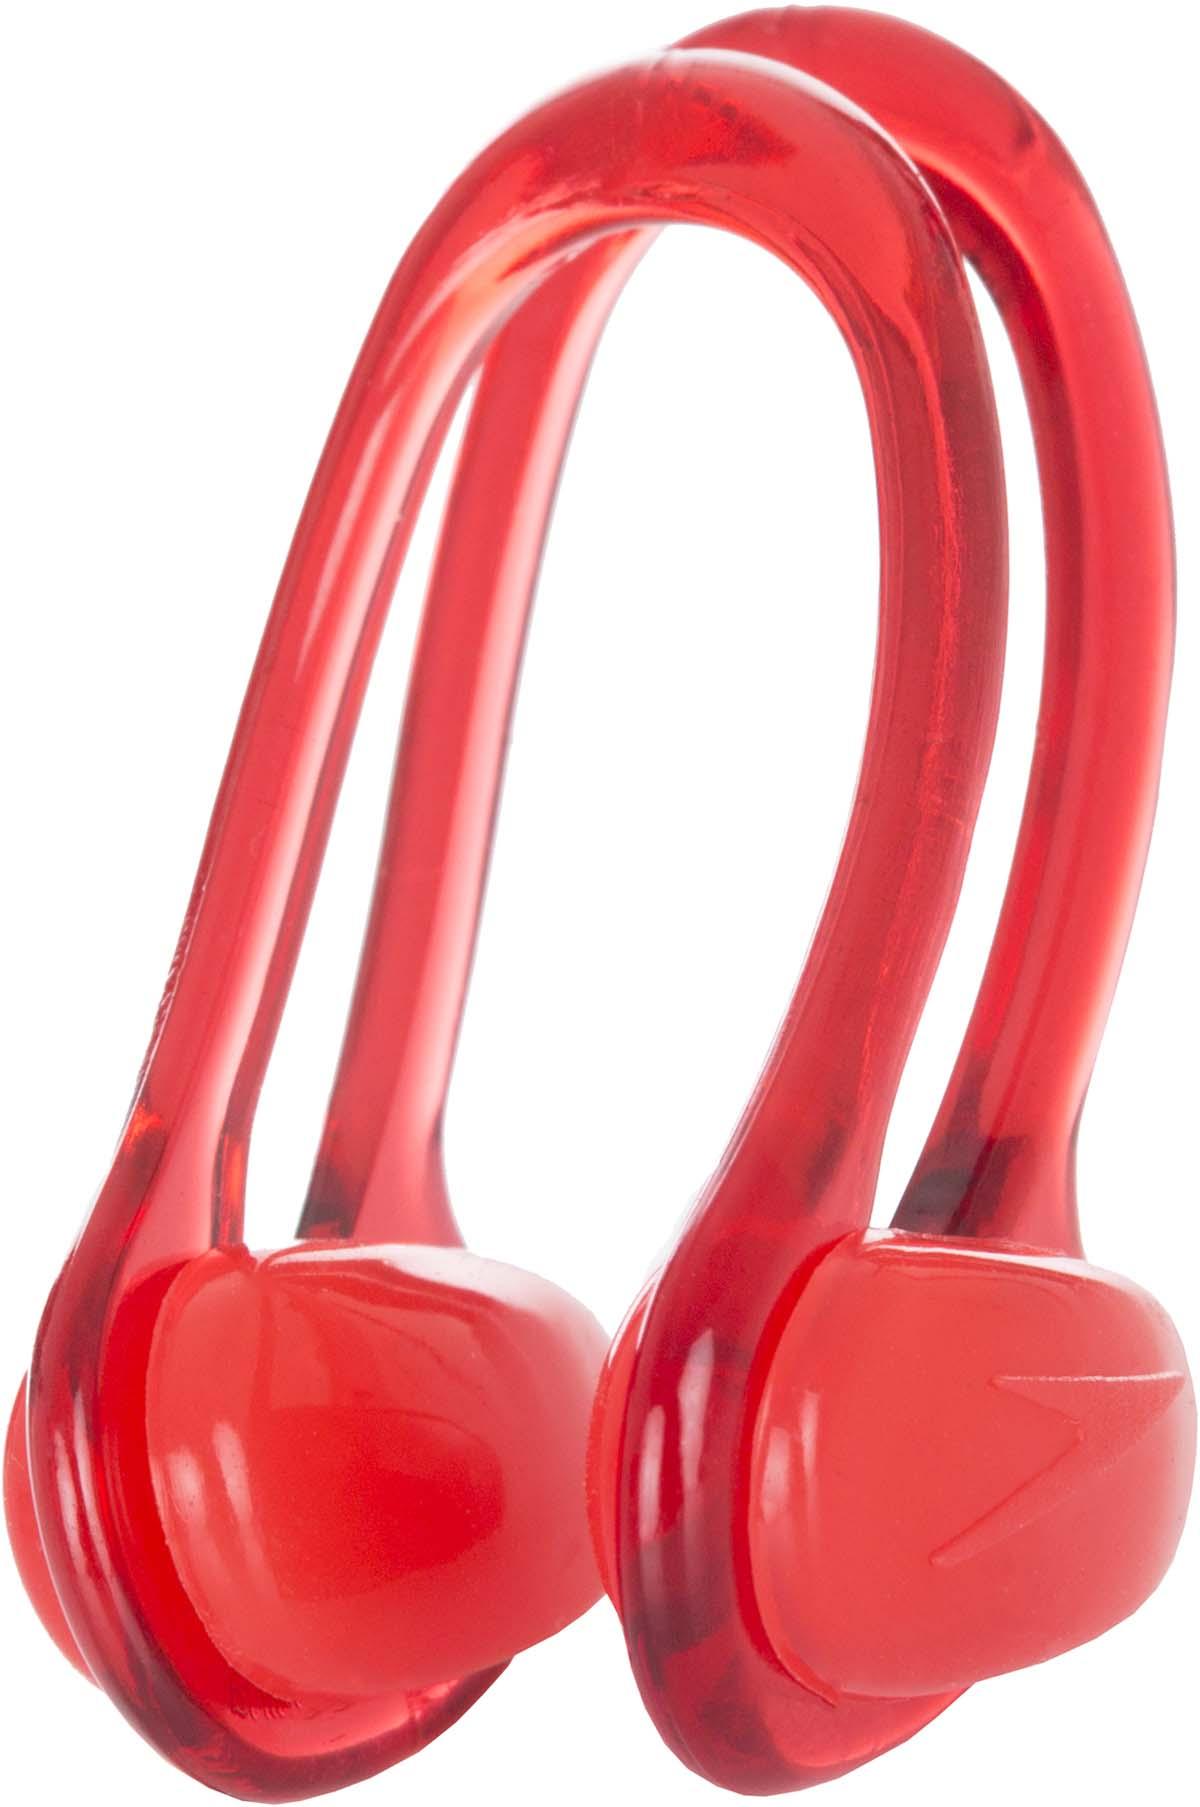 Зажим для носа Speedo, цвет: красный8-708127634Зажим для носа от Speedo незаменим во время тренировок в бассейне. Гибкаярамка настраивается в соответствии с индивидуальным строением лица.Мягкие силиконовые подушечки обеспечивают максимальный комфорт. Вкомплекте с зажимом идет удобный многоразовый футляр.